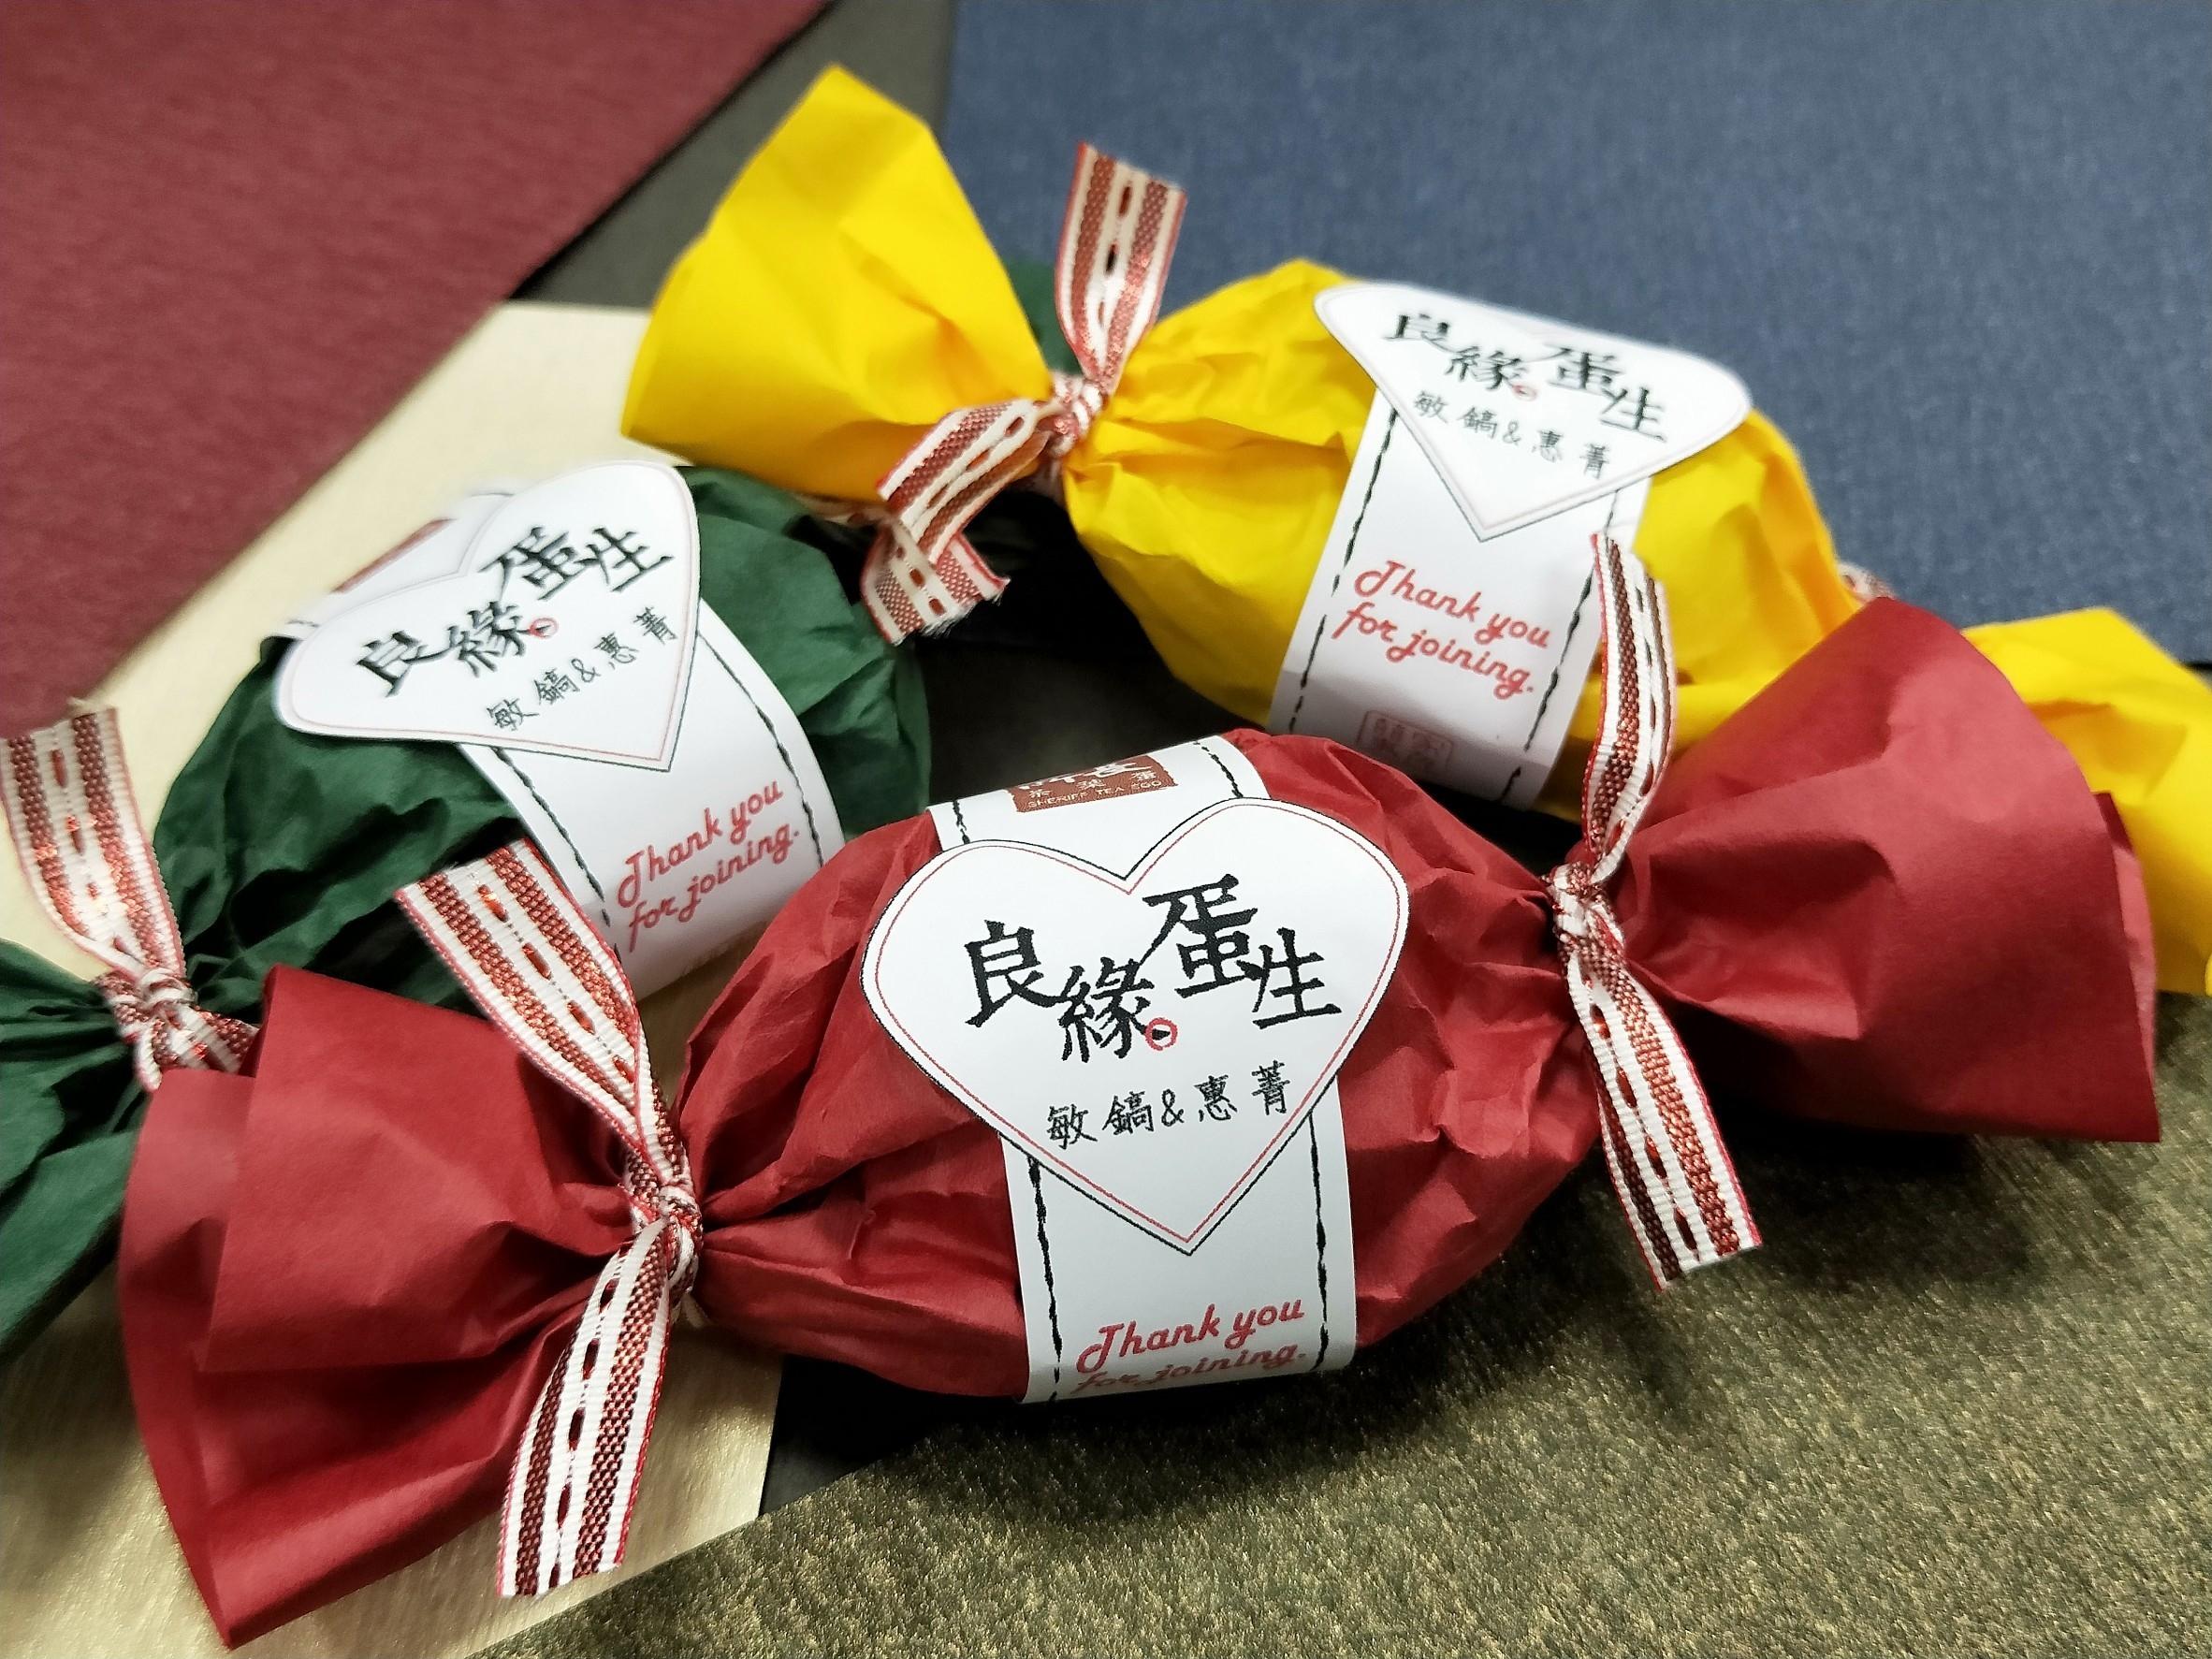 所長茶葉蛋-【良緣蛋生】糖果造型客製化禮品,可放單顆裝茶葉蛋,自選包裝紙顏色。